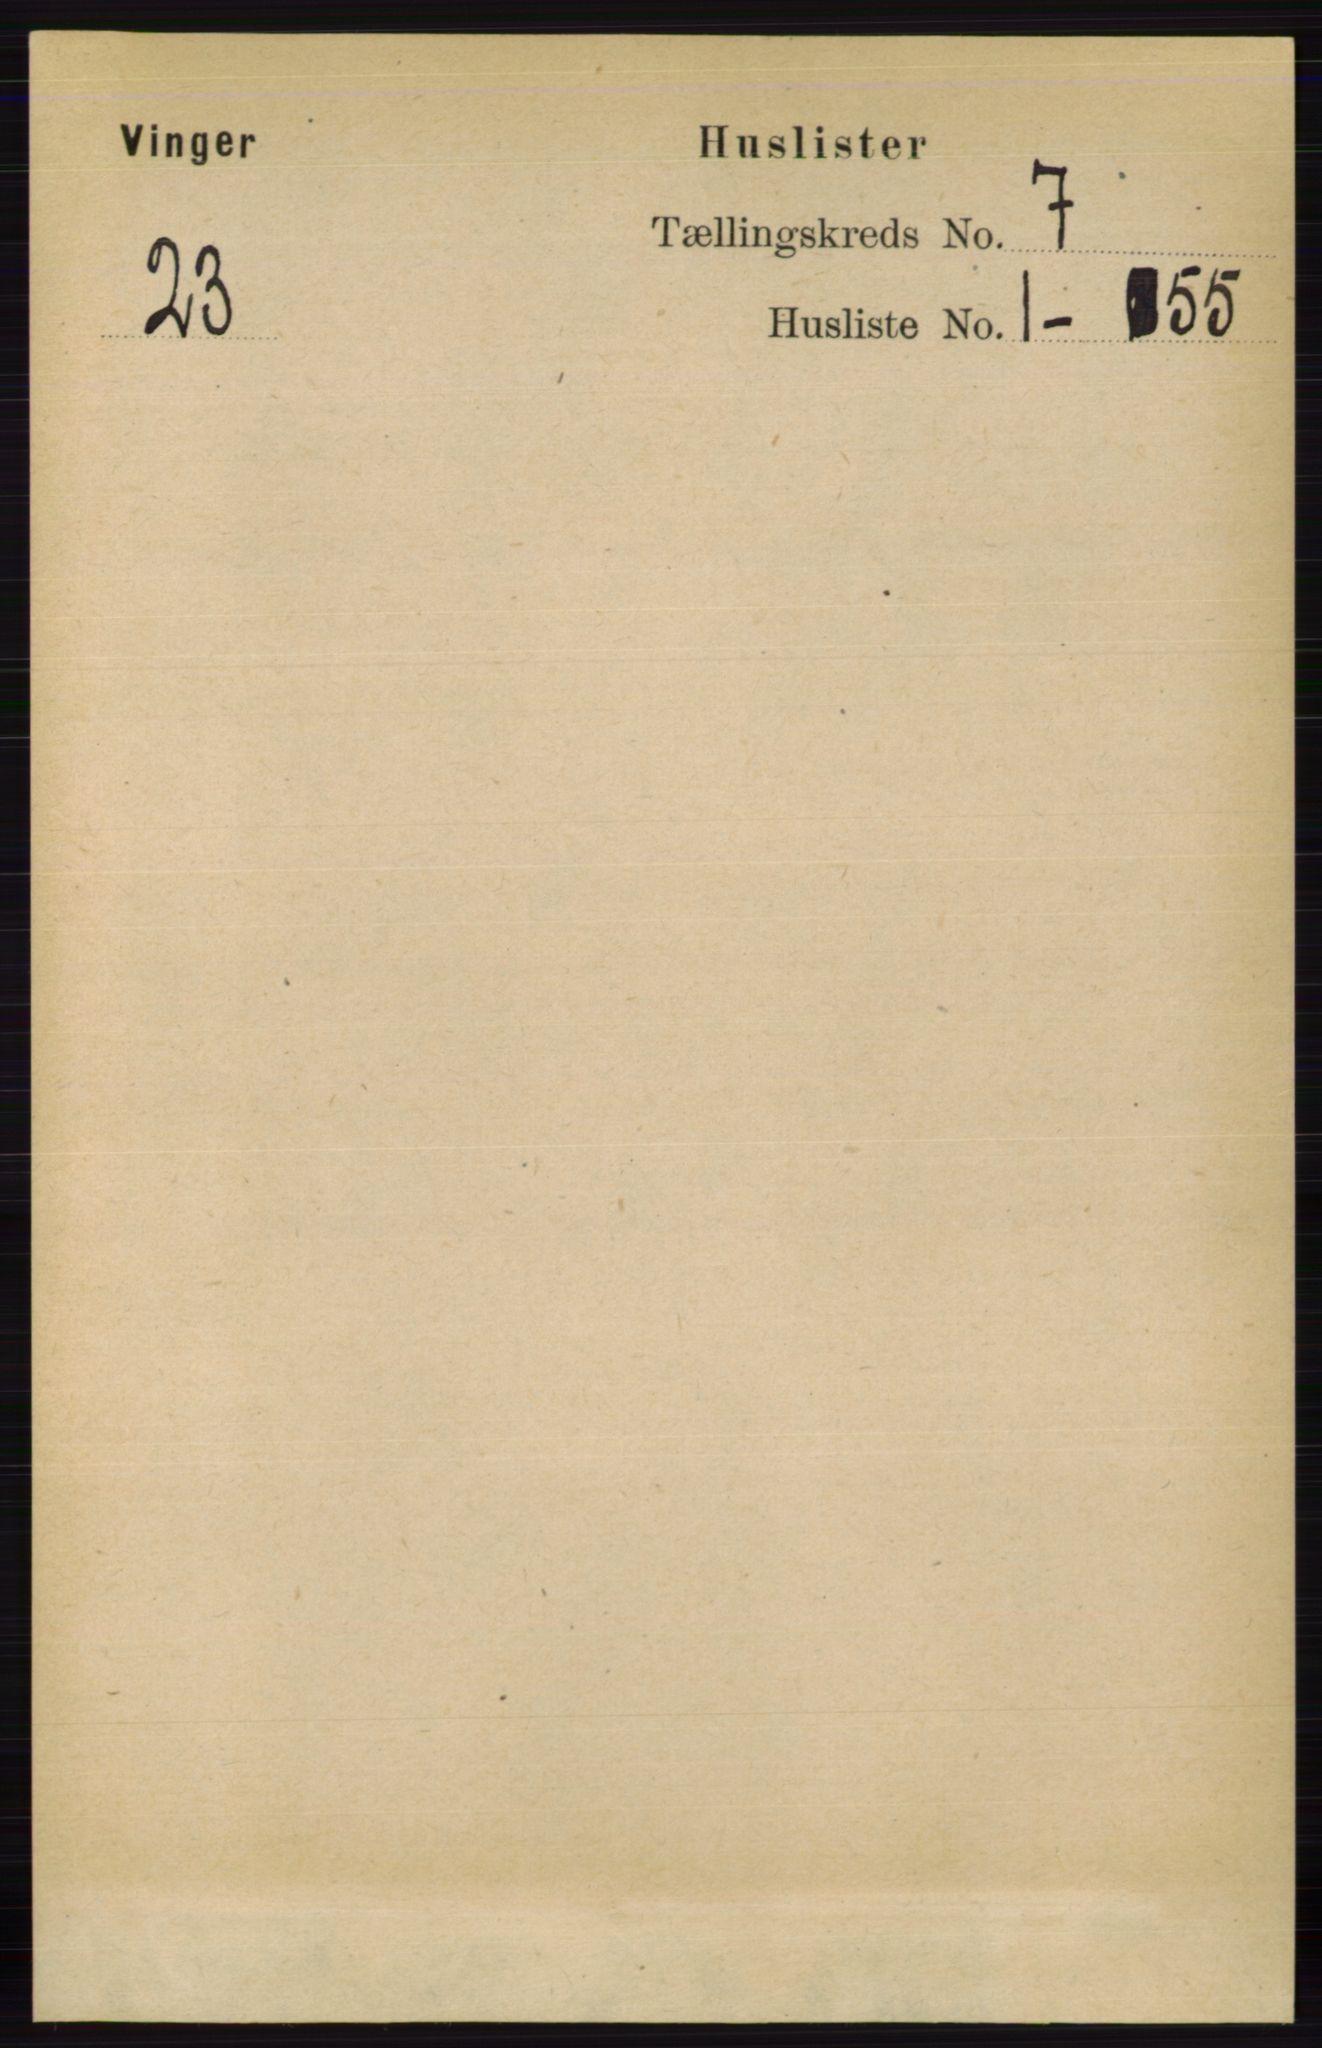 RA, Folketelling 1891 for 0421 Vinger herred, 1891, s. 3174